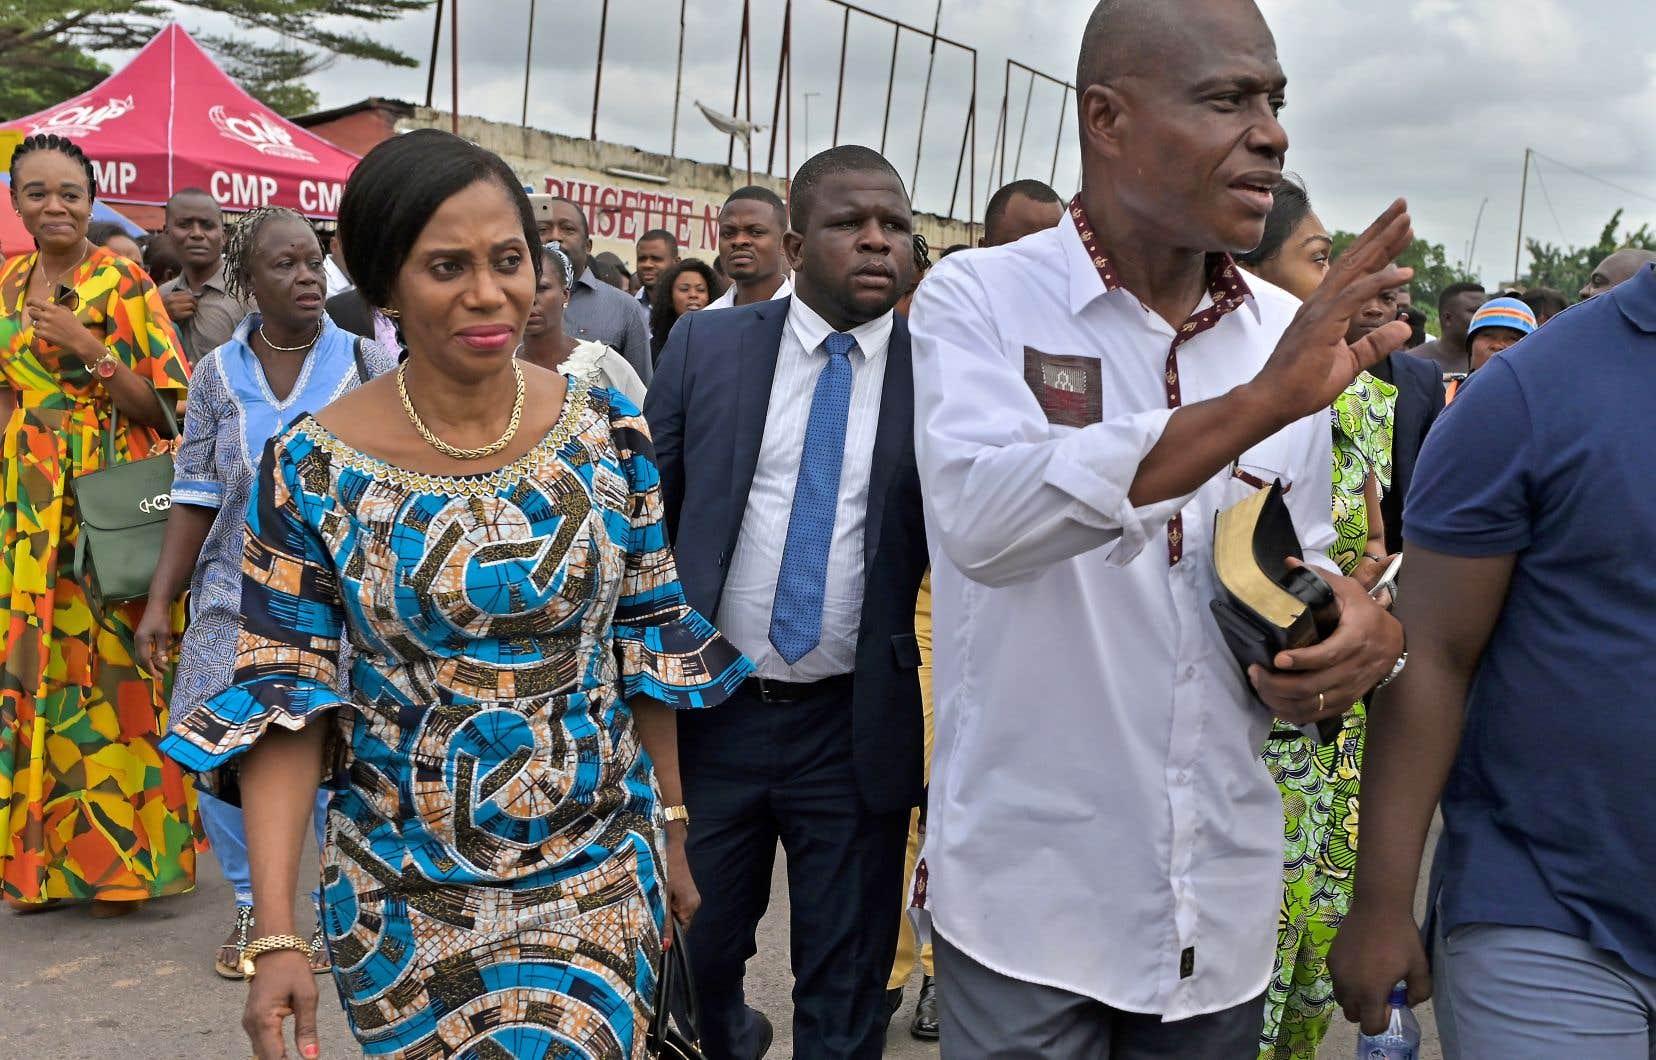 Le candidat de l'opposition congolaise Martin Fayulu s'est rendu avec son épouse dimanche à l'église protestante Philadelphie, à Kinshasa.